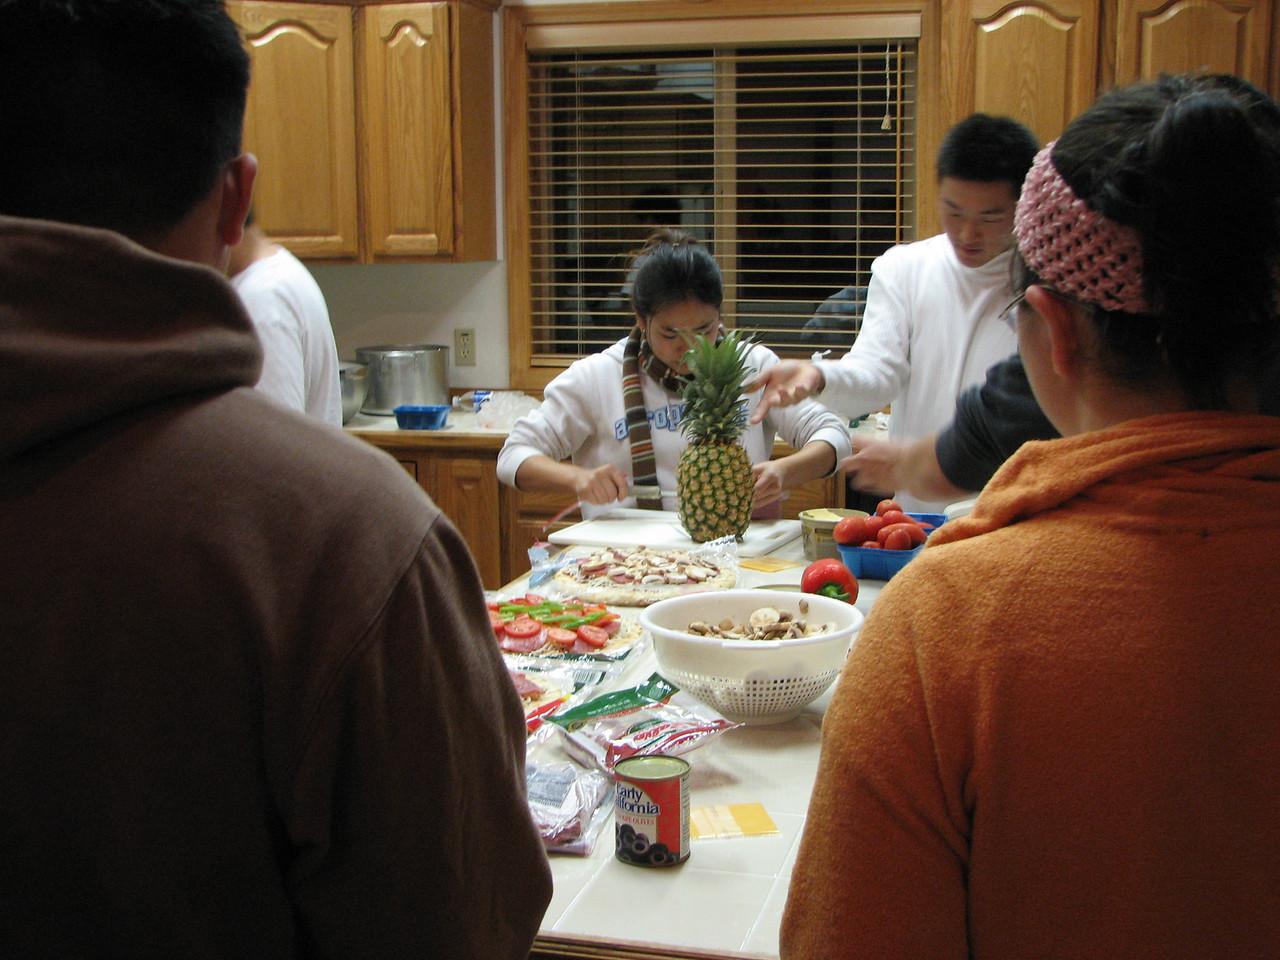 2006 12 21 Thu - Shinae Kim & Ted Hong preparing pizzas